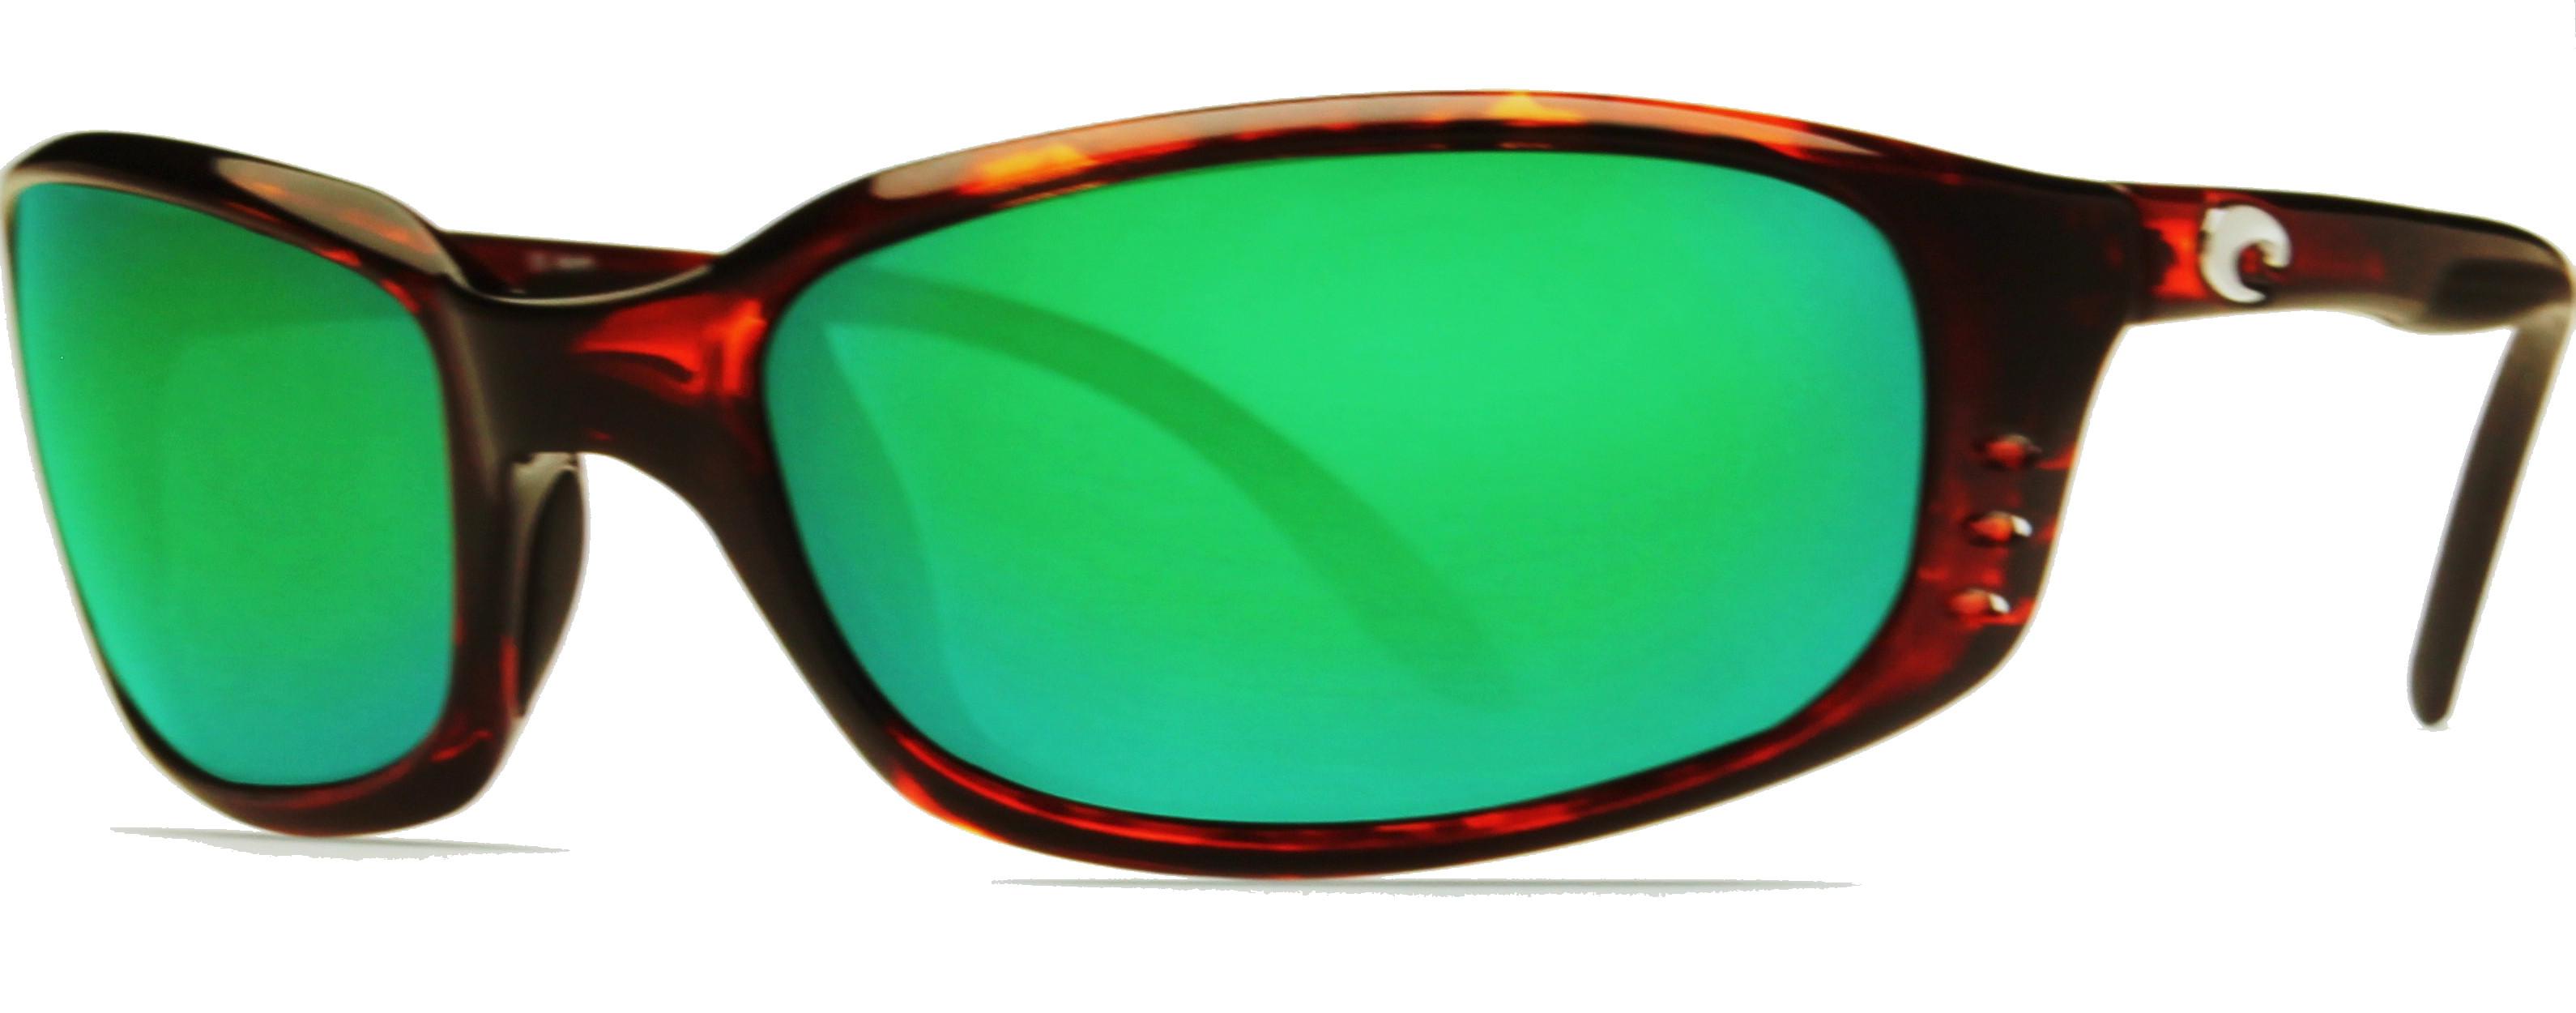 costa del mar sunglasses  costa del mar brine polarized